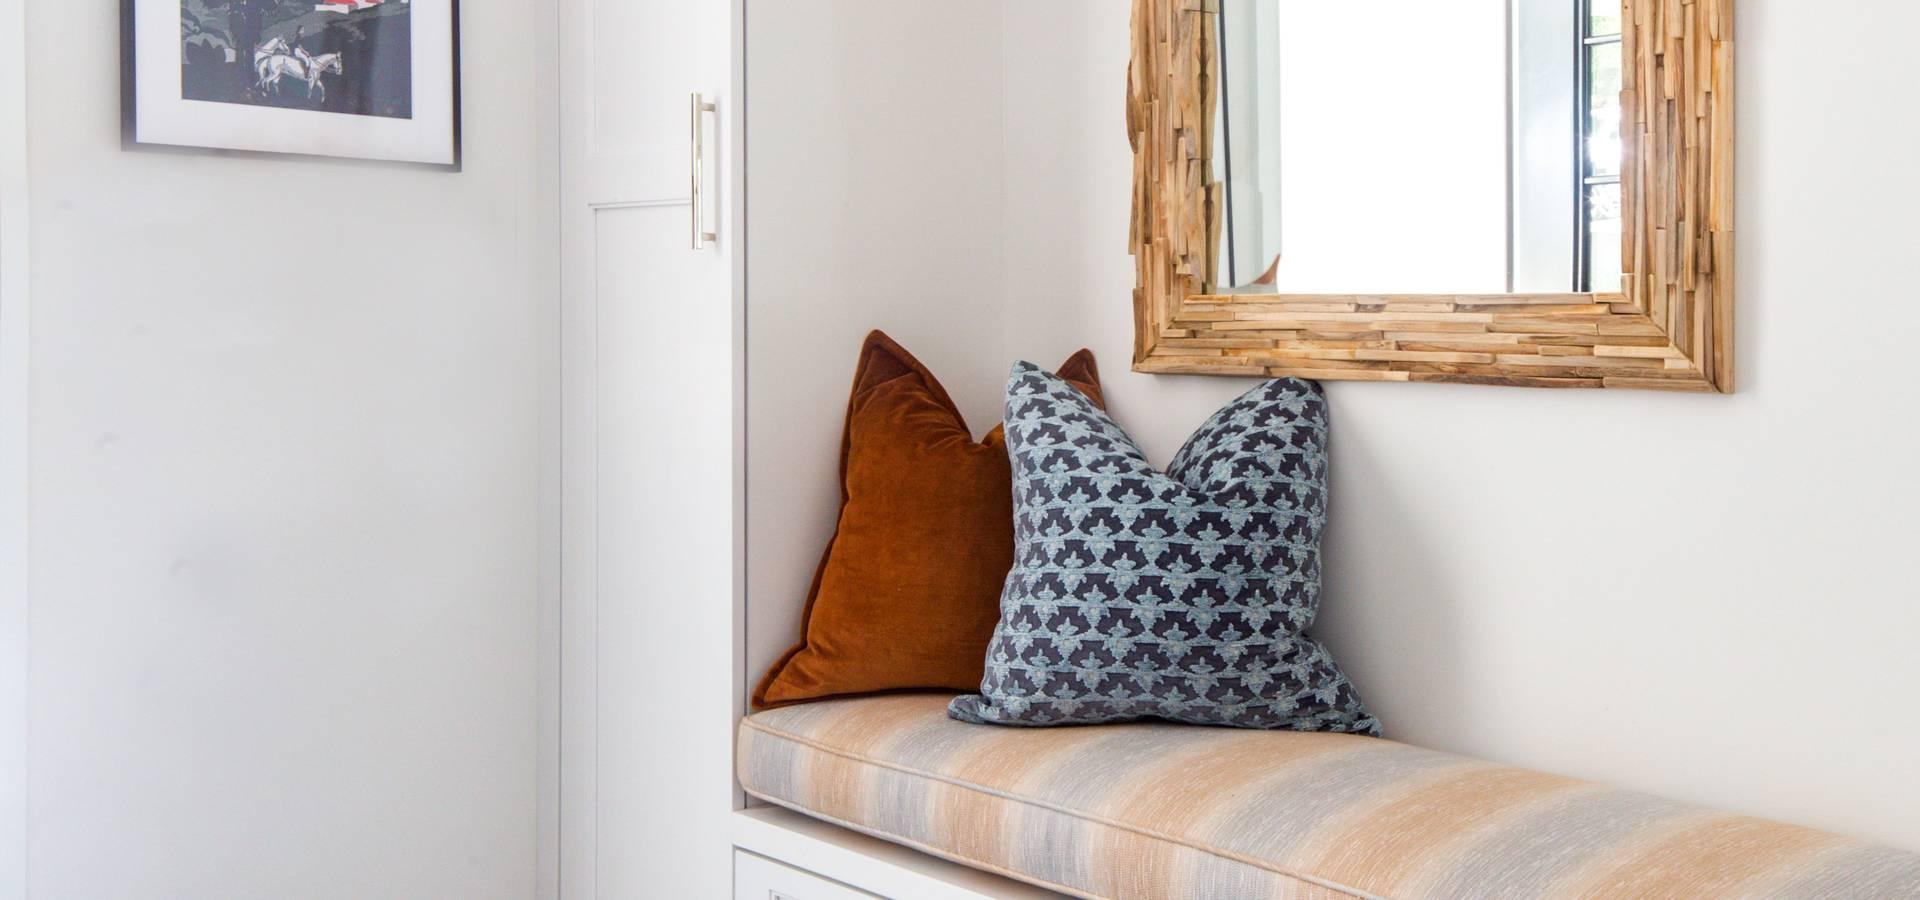 Amy Peltier Interior Design & Home